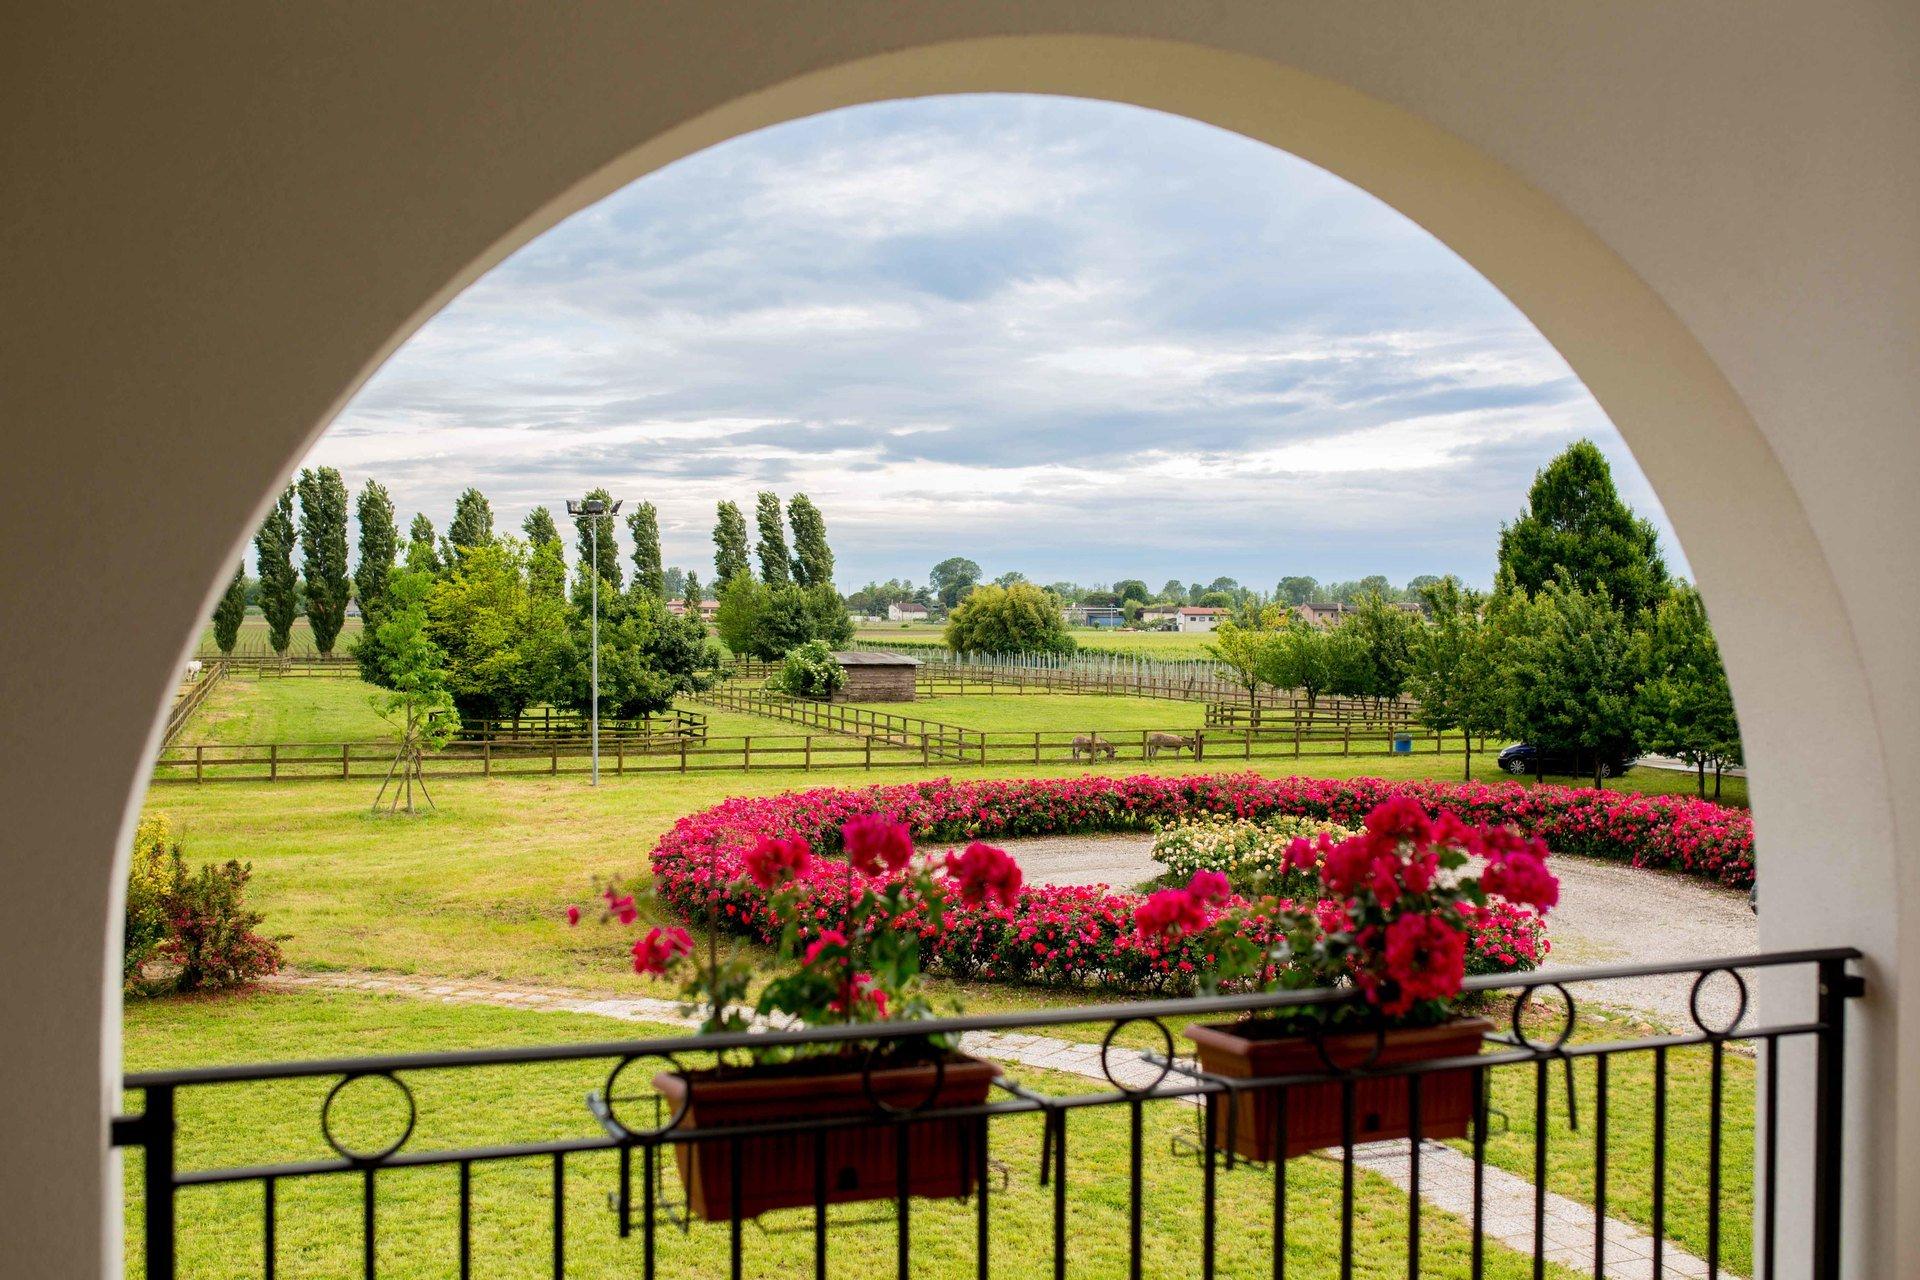 inaugurazione centro estetico delle rose